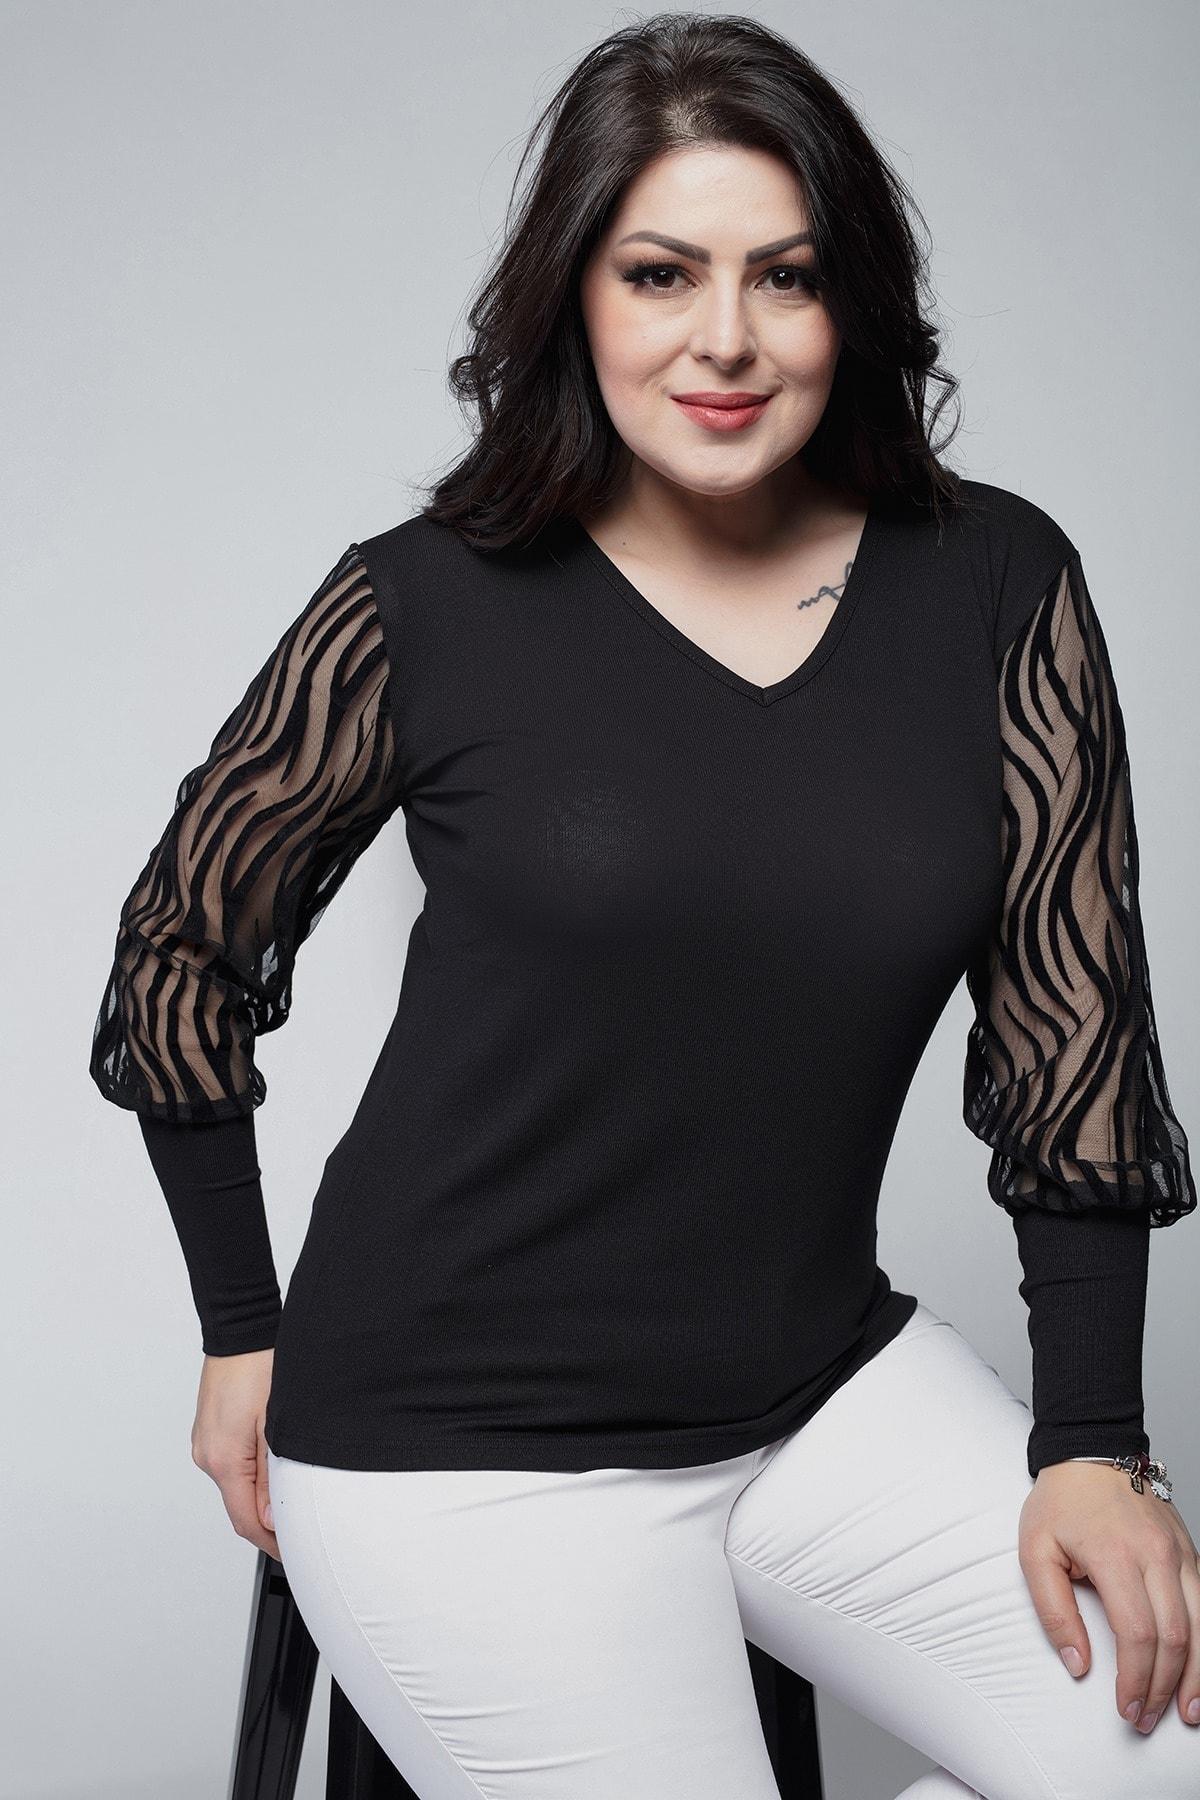 Ebsumu Kadın Büyük Beden Kolları Transparan Süet Dal Detay Siyah Bluz 1